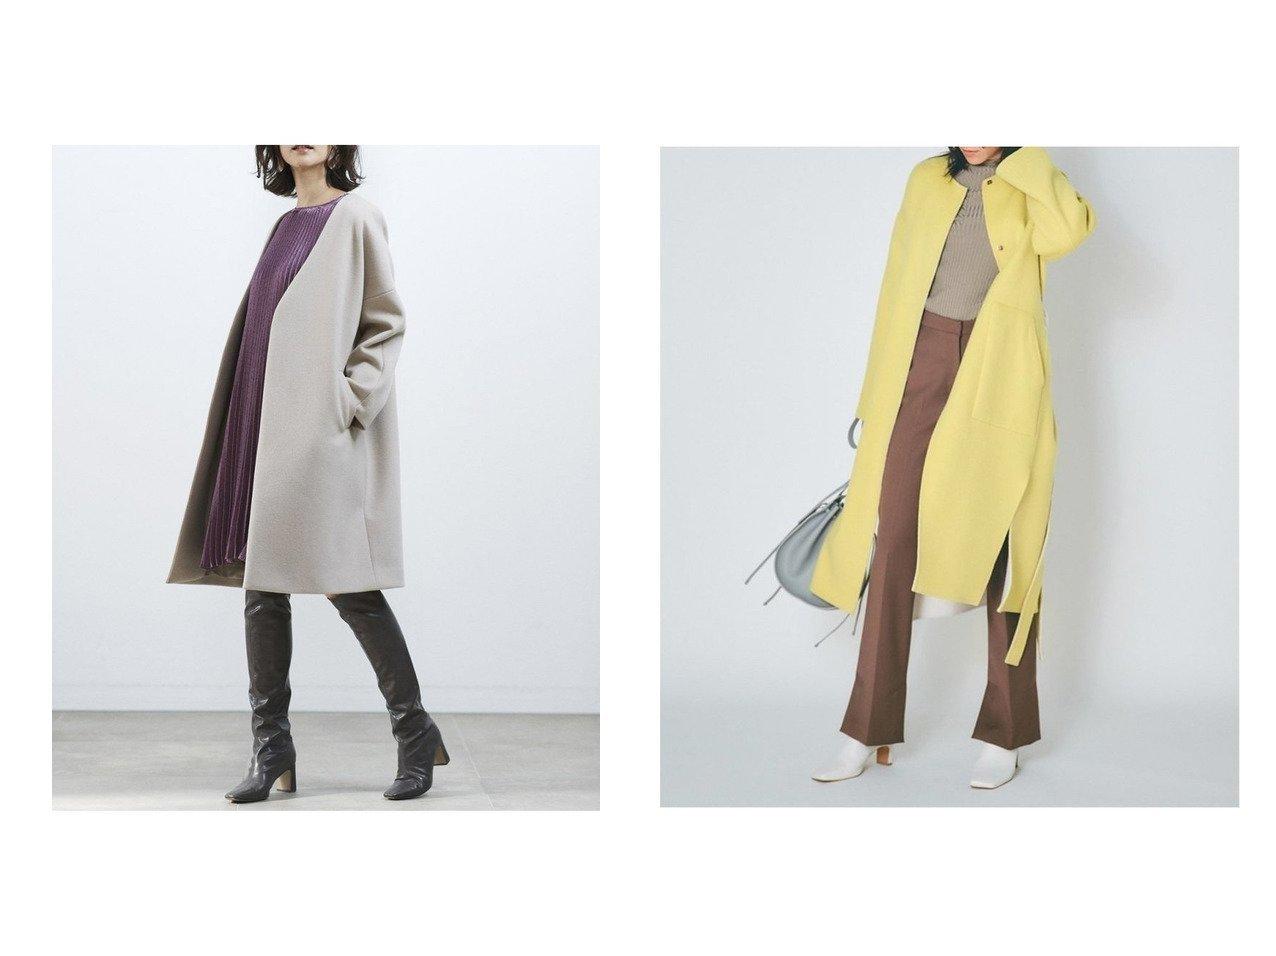 【SNIDEL/スナイデル】のノーカラーウールコート&【FRAY I.D/フレイ アイディー】のノーカラーリバーコート アウターのおすすめ!人気トレンド・レディースファッションの通販 おすすめで人気のファッション通販商品 インテリア・家具・キッズファッション・メンズファッション・レディースファッション・服の通販 founy(ファニー) https://founy.com/ ファッション Fashion レディース WOMEN アウター Coat Outerwear コート Coats ジャケット Jackets ノーカラージャケット No Collar Leather Jackets 12月号 ショルダー シンプル ジャケット ドロップ バランス フォーマル リュクス ロング 冬 Winter イエロー スリット リバーシブル  ID:crp329100000006592